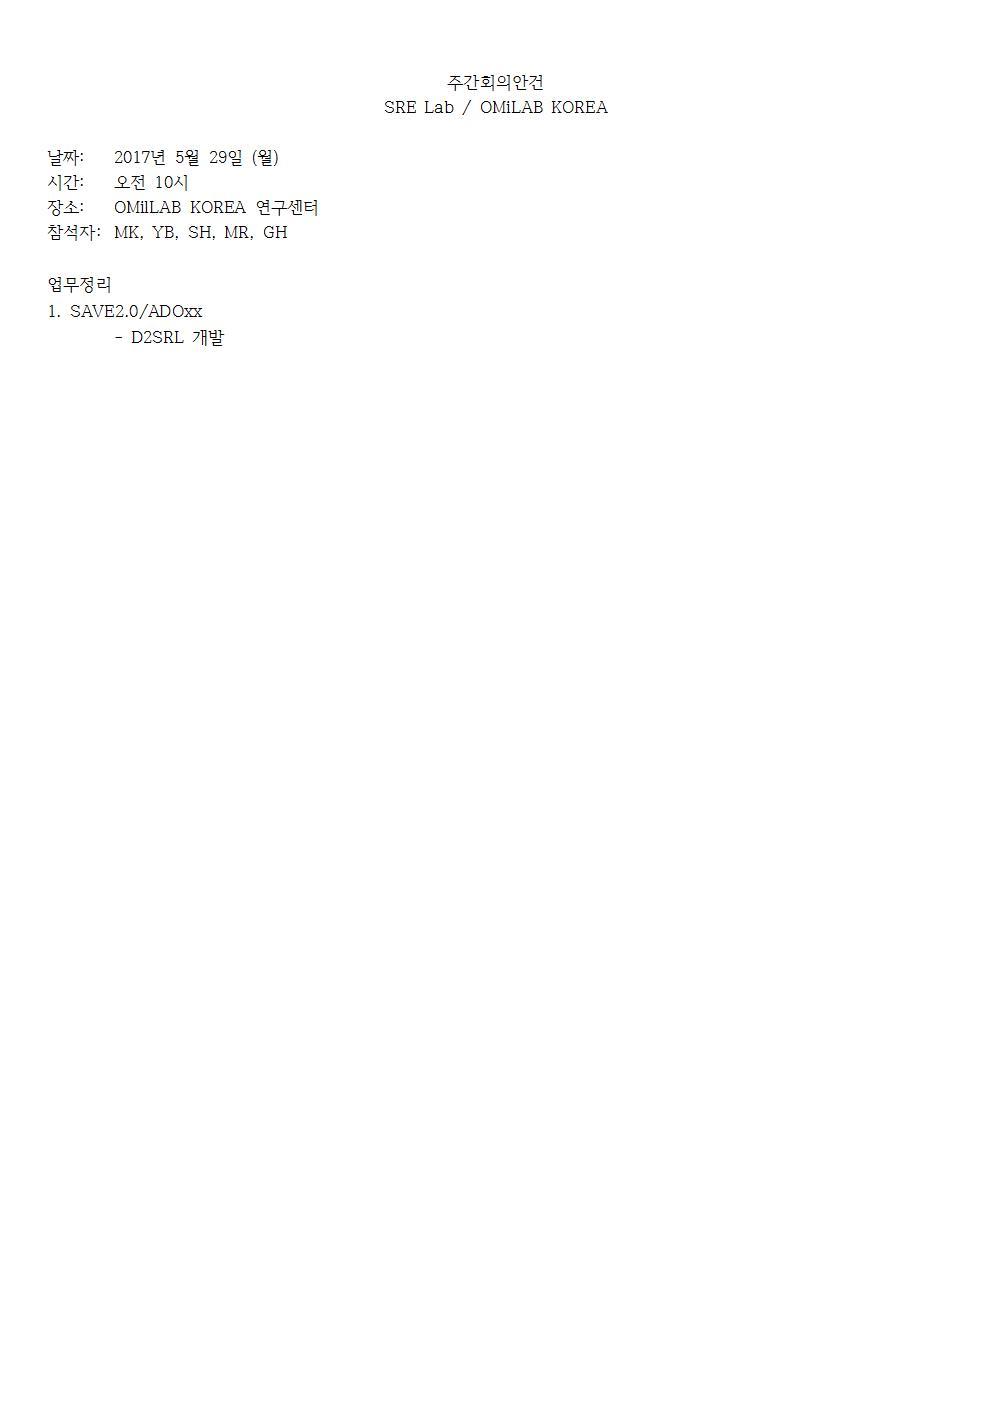 1-월-2017-05-29-PLAN(SH)001.jpg